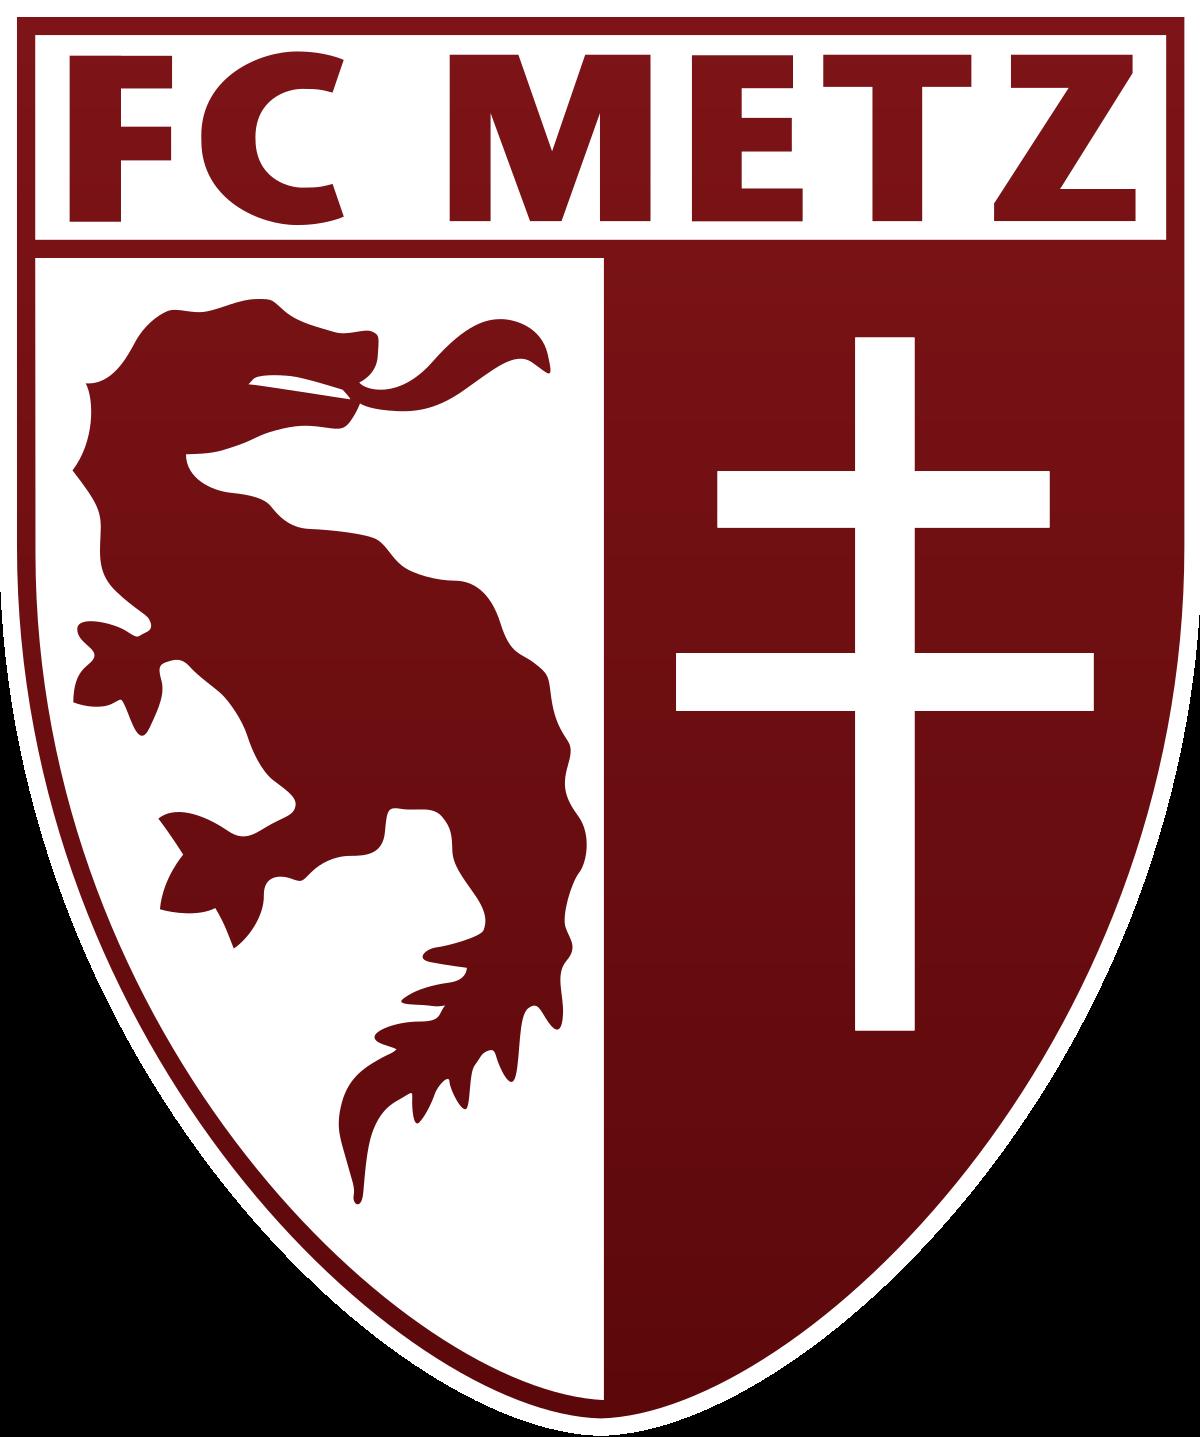 Metz U-19 logo